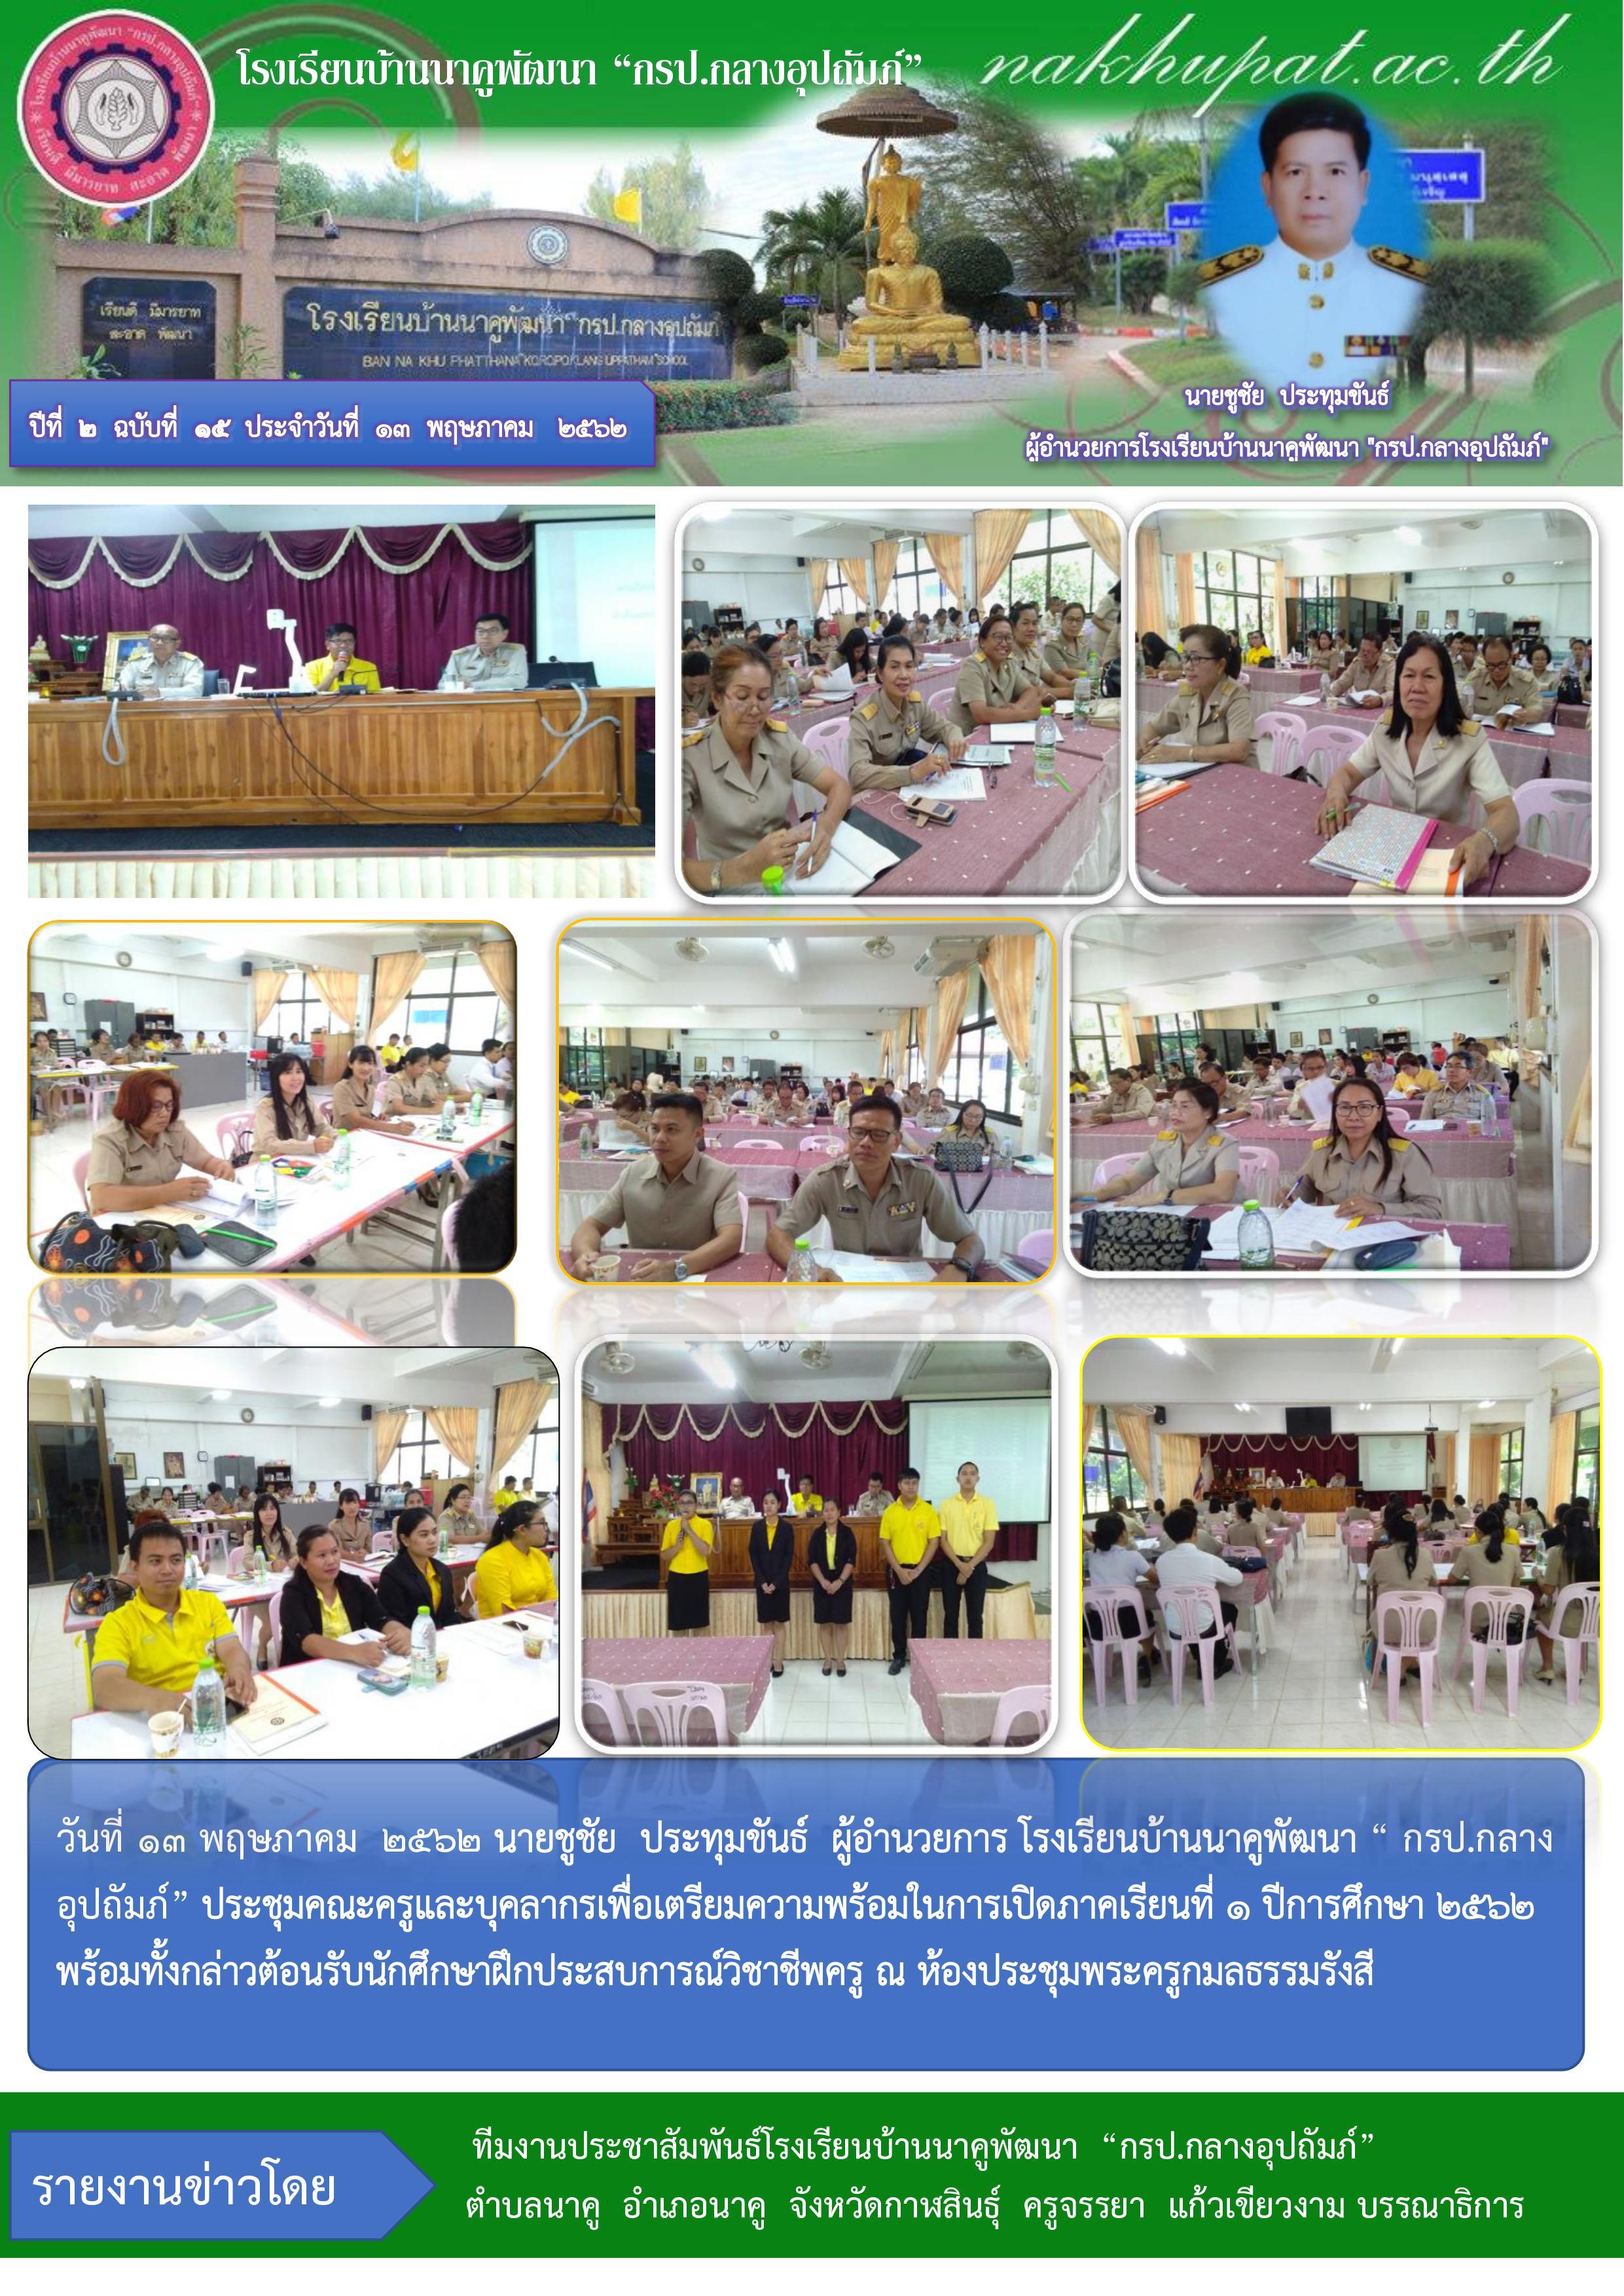 โรงเรียนบ้านนาคูพัฒนา ฯ ประชุมเปิดภาคเรียนที่ 1/2562